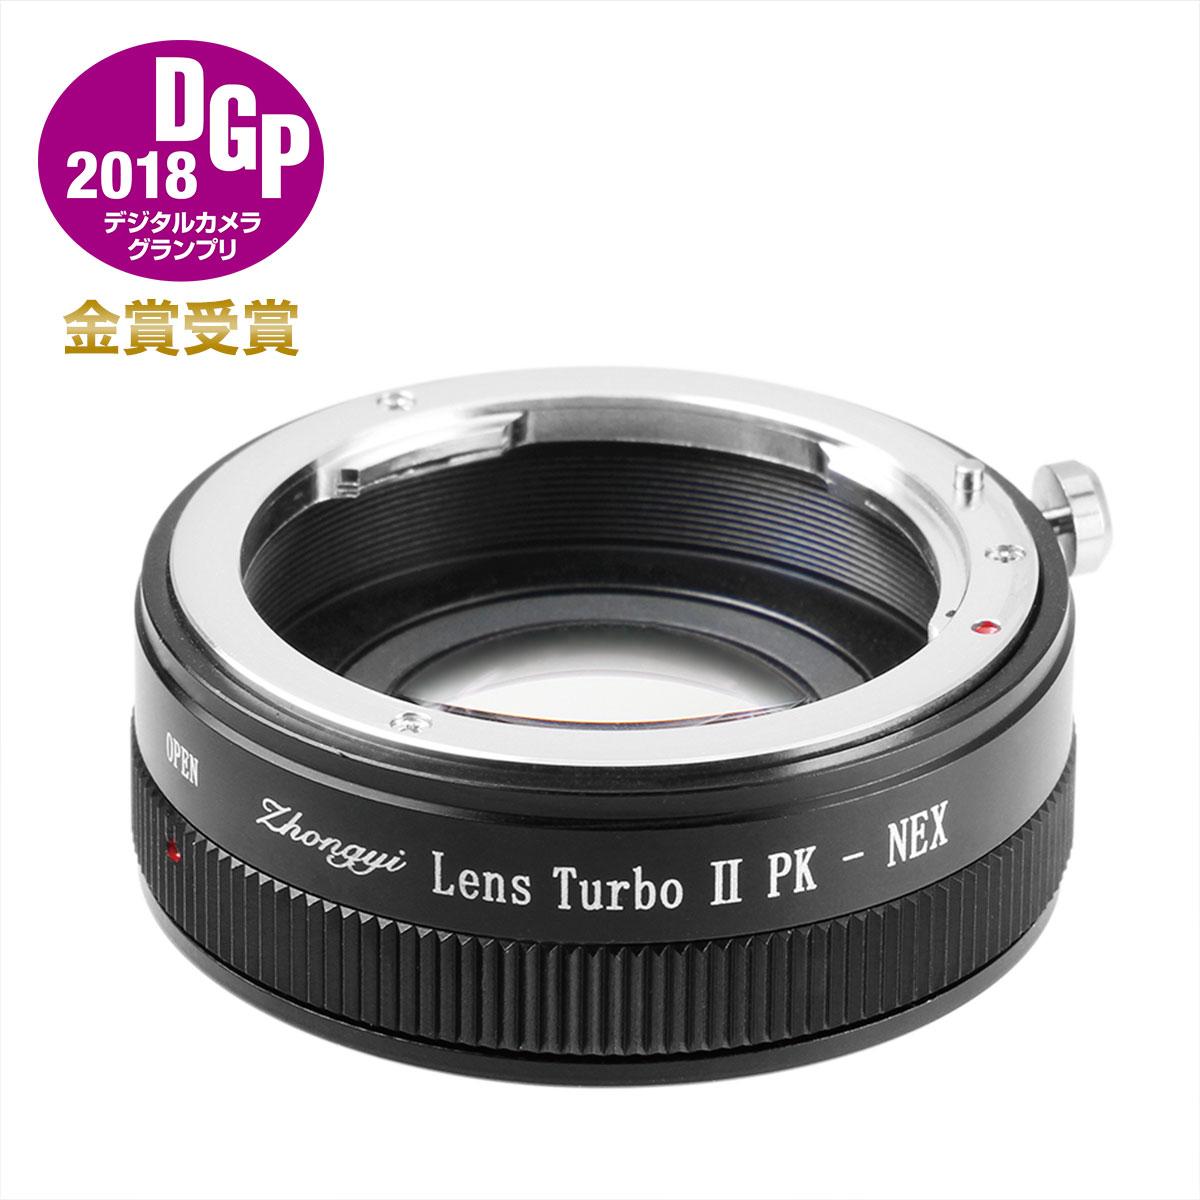 中一光学 Lens Turbo II PK-NEX ペンタックスKマウントレンズ - ソニーNEX/α.Eマウント フォーカルレデューサーアダプター